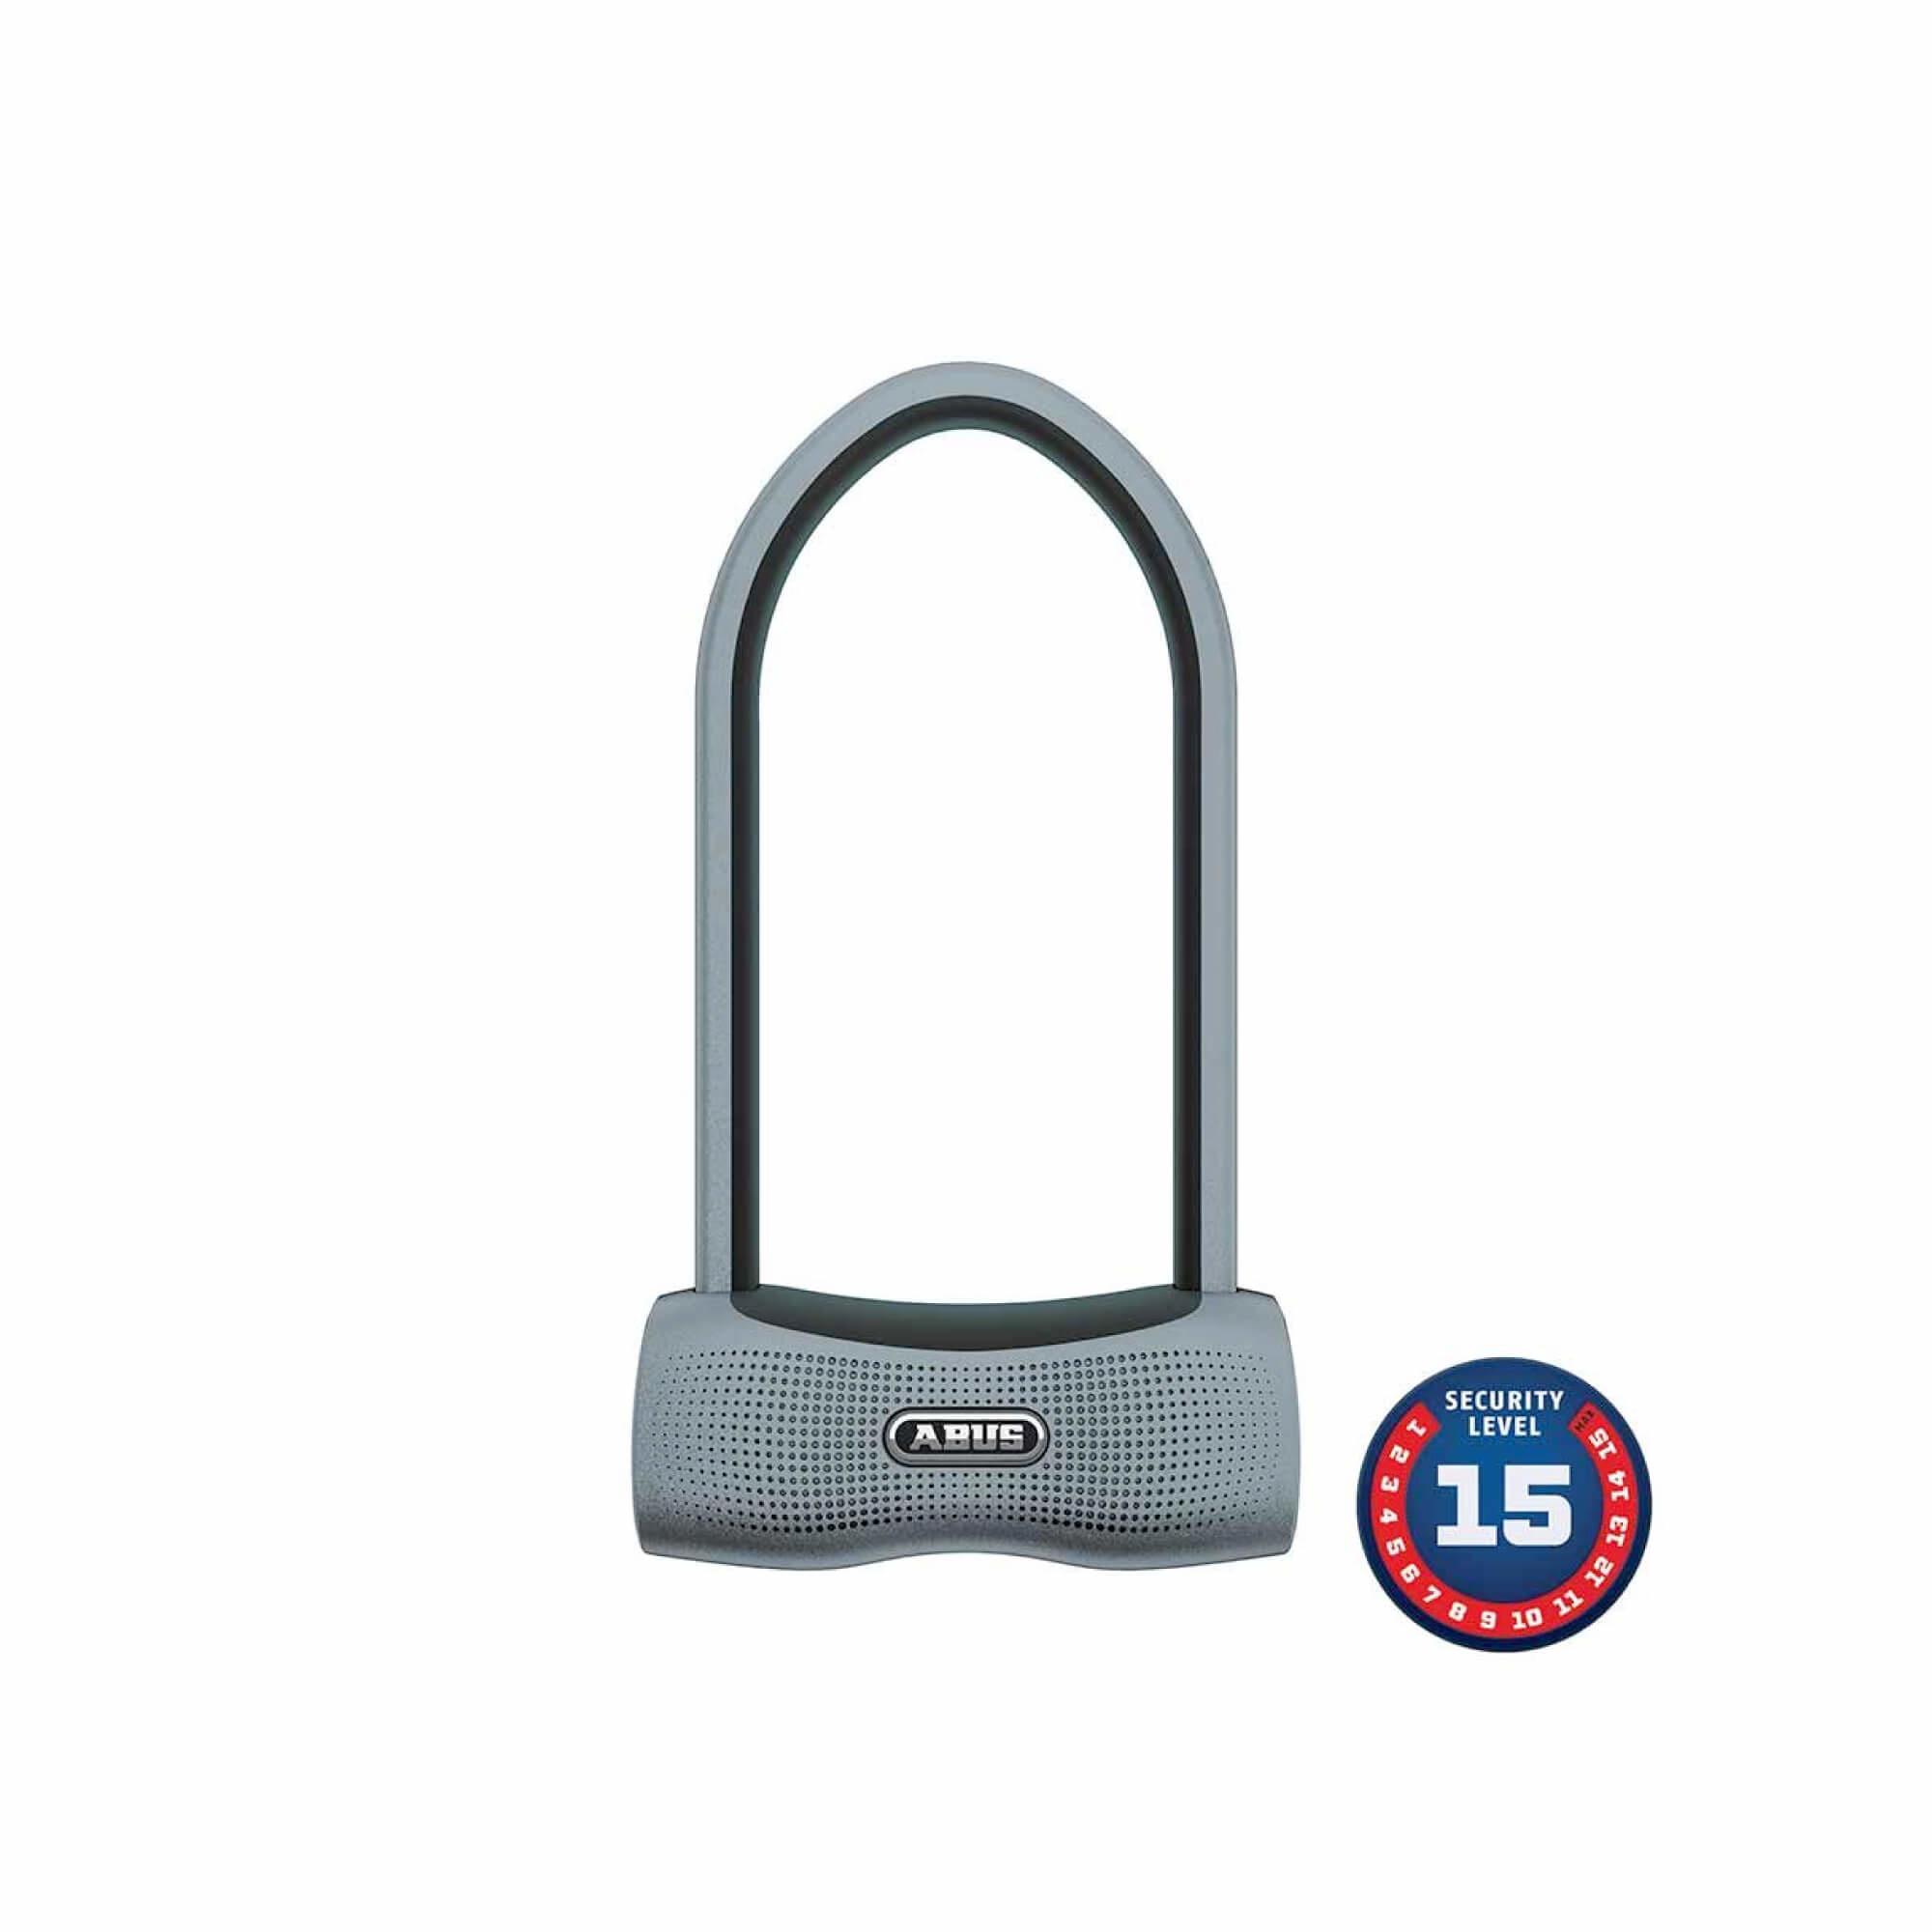 Lock U-Bolt Smart X -770A Alarm 230 + Ush-1